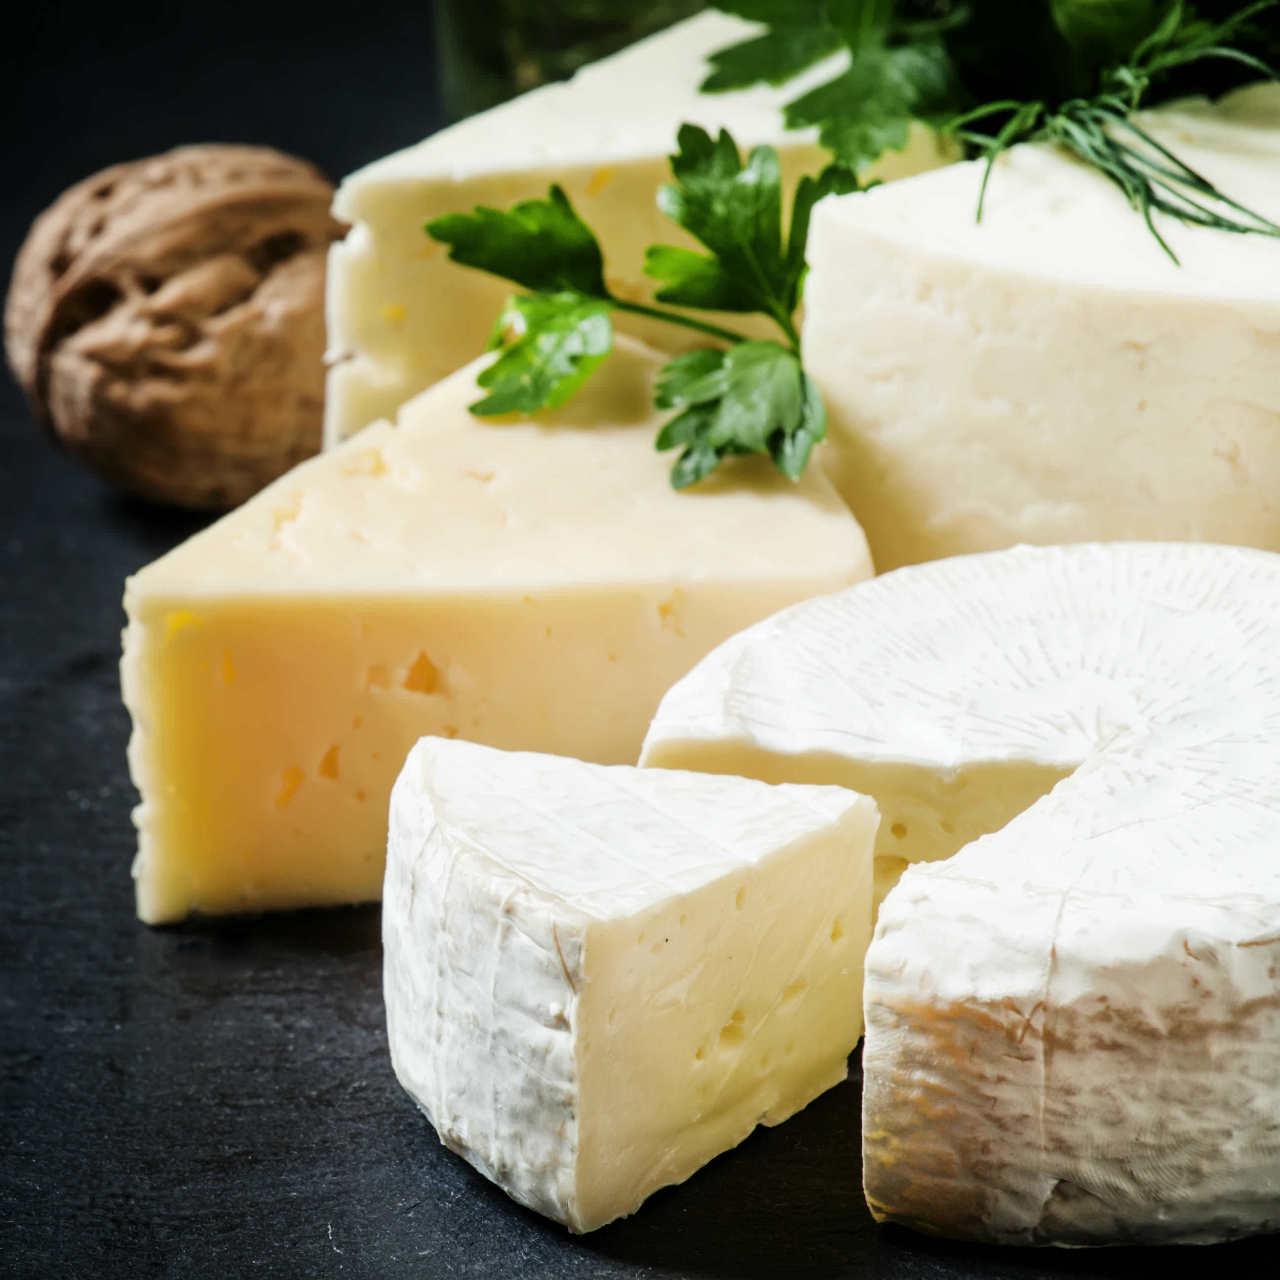 チーズ好き必見!1時間好きなだけ食べられる食べ放題をご用意